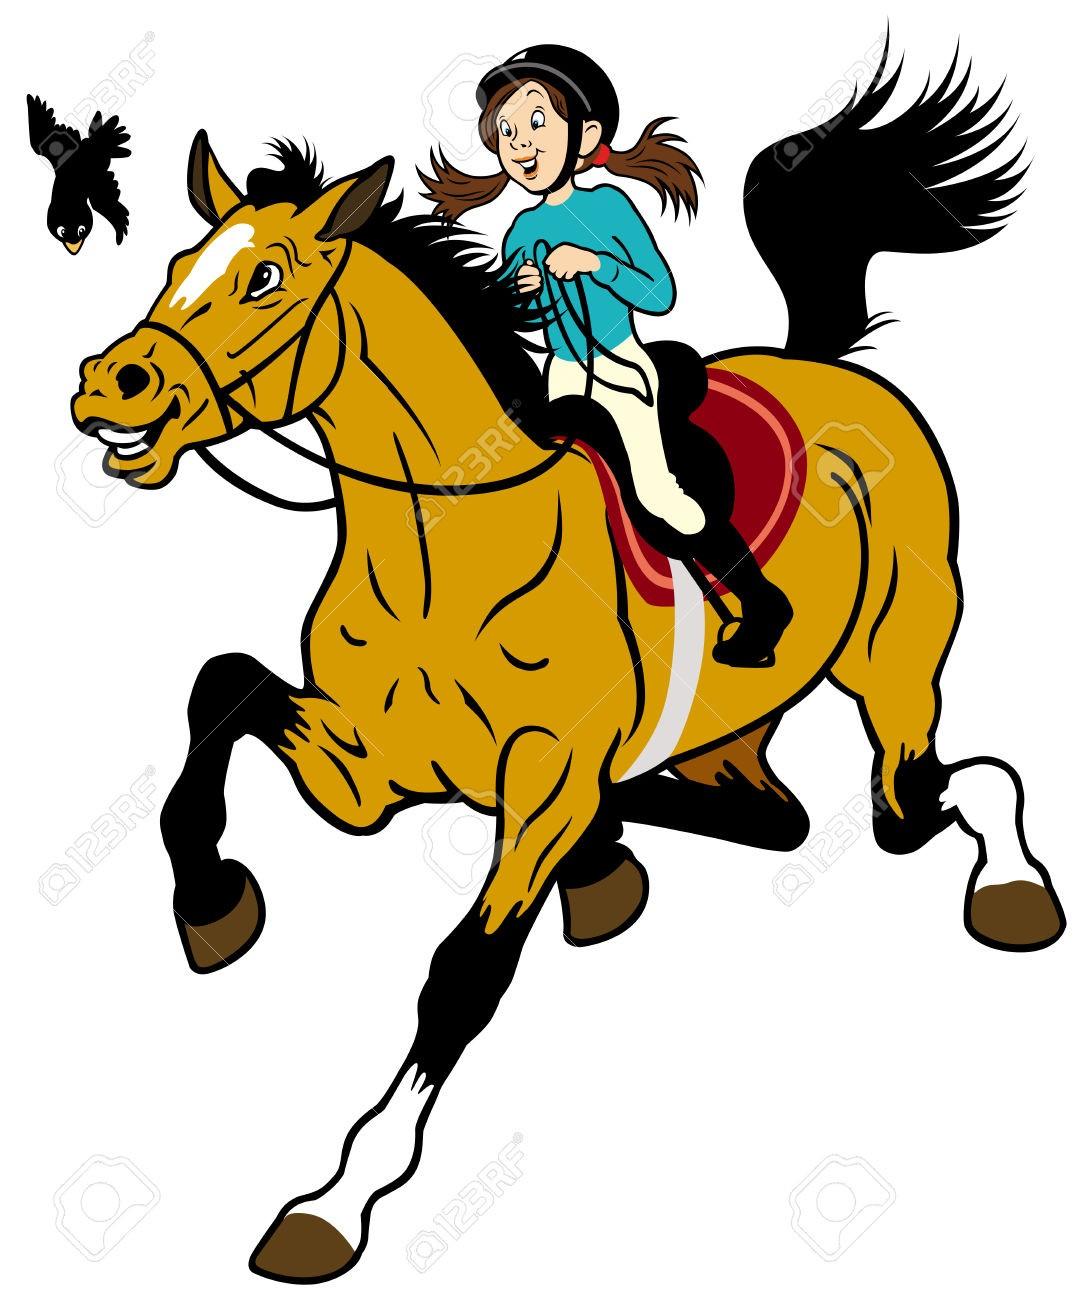 1085x1300 Girl Riding Horse Clipart 2 Clip Art Net Beautiful